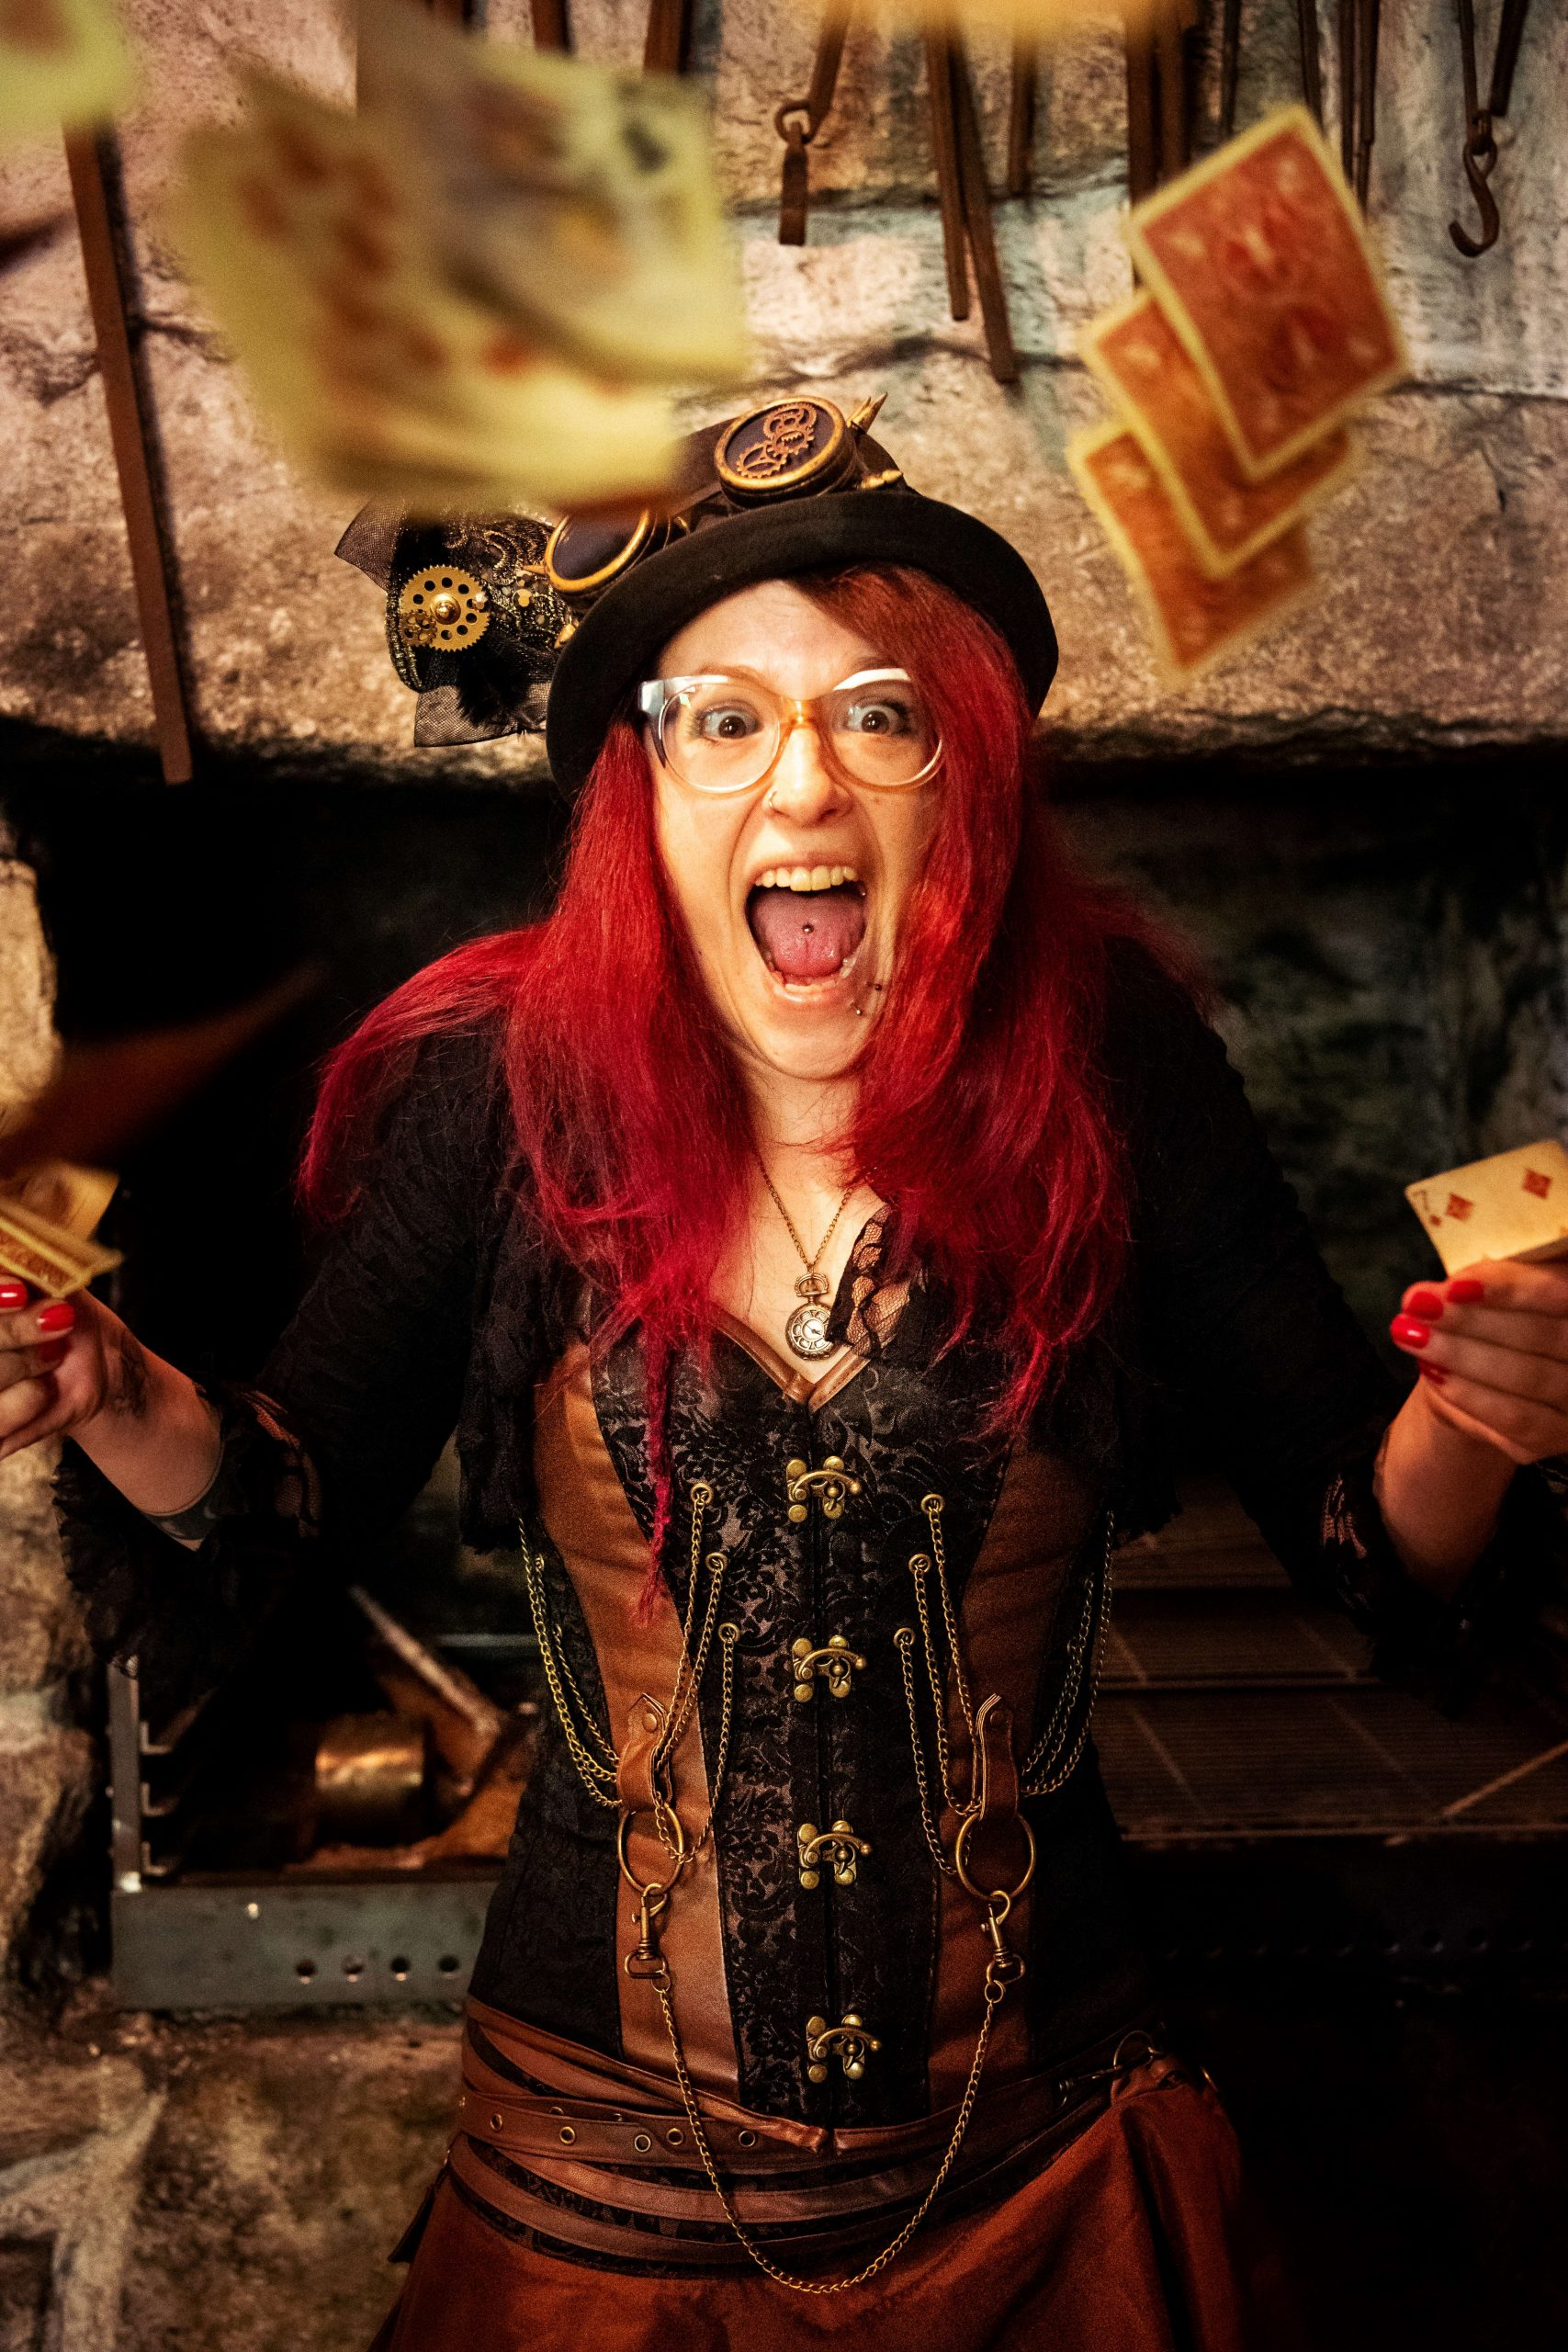 Zauberin wirft Karten